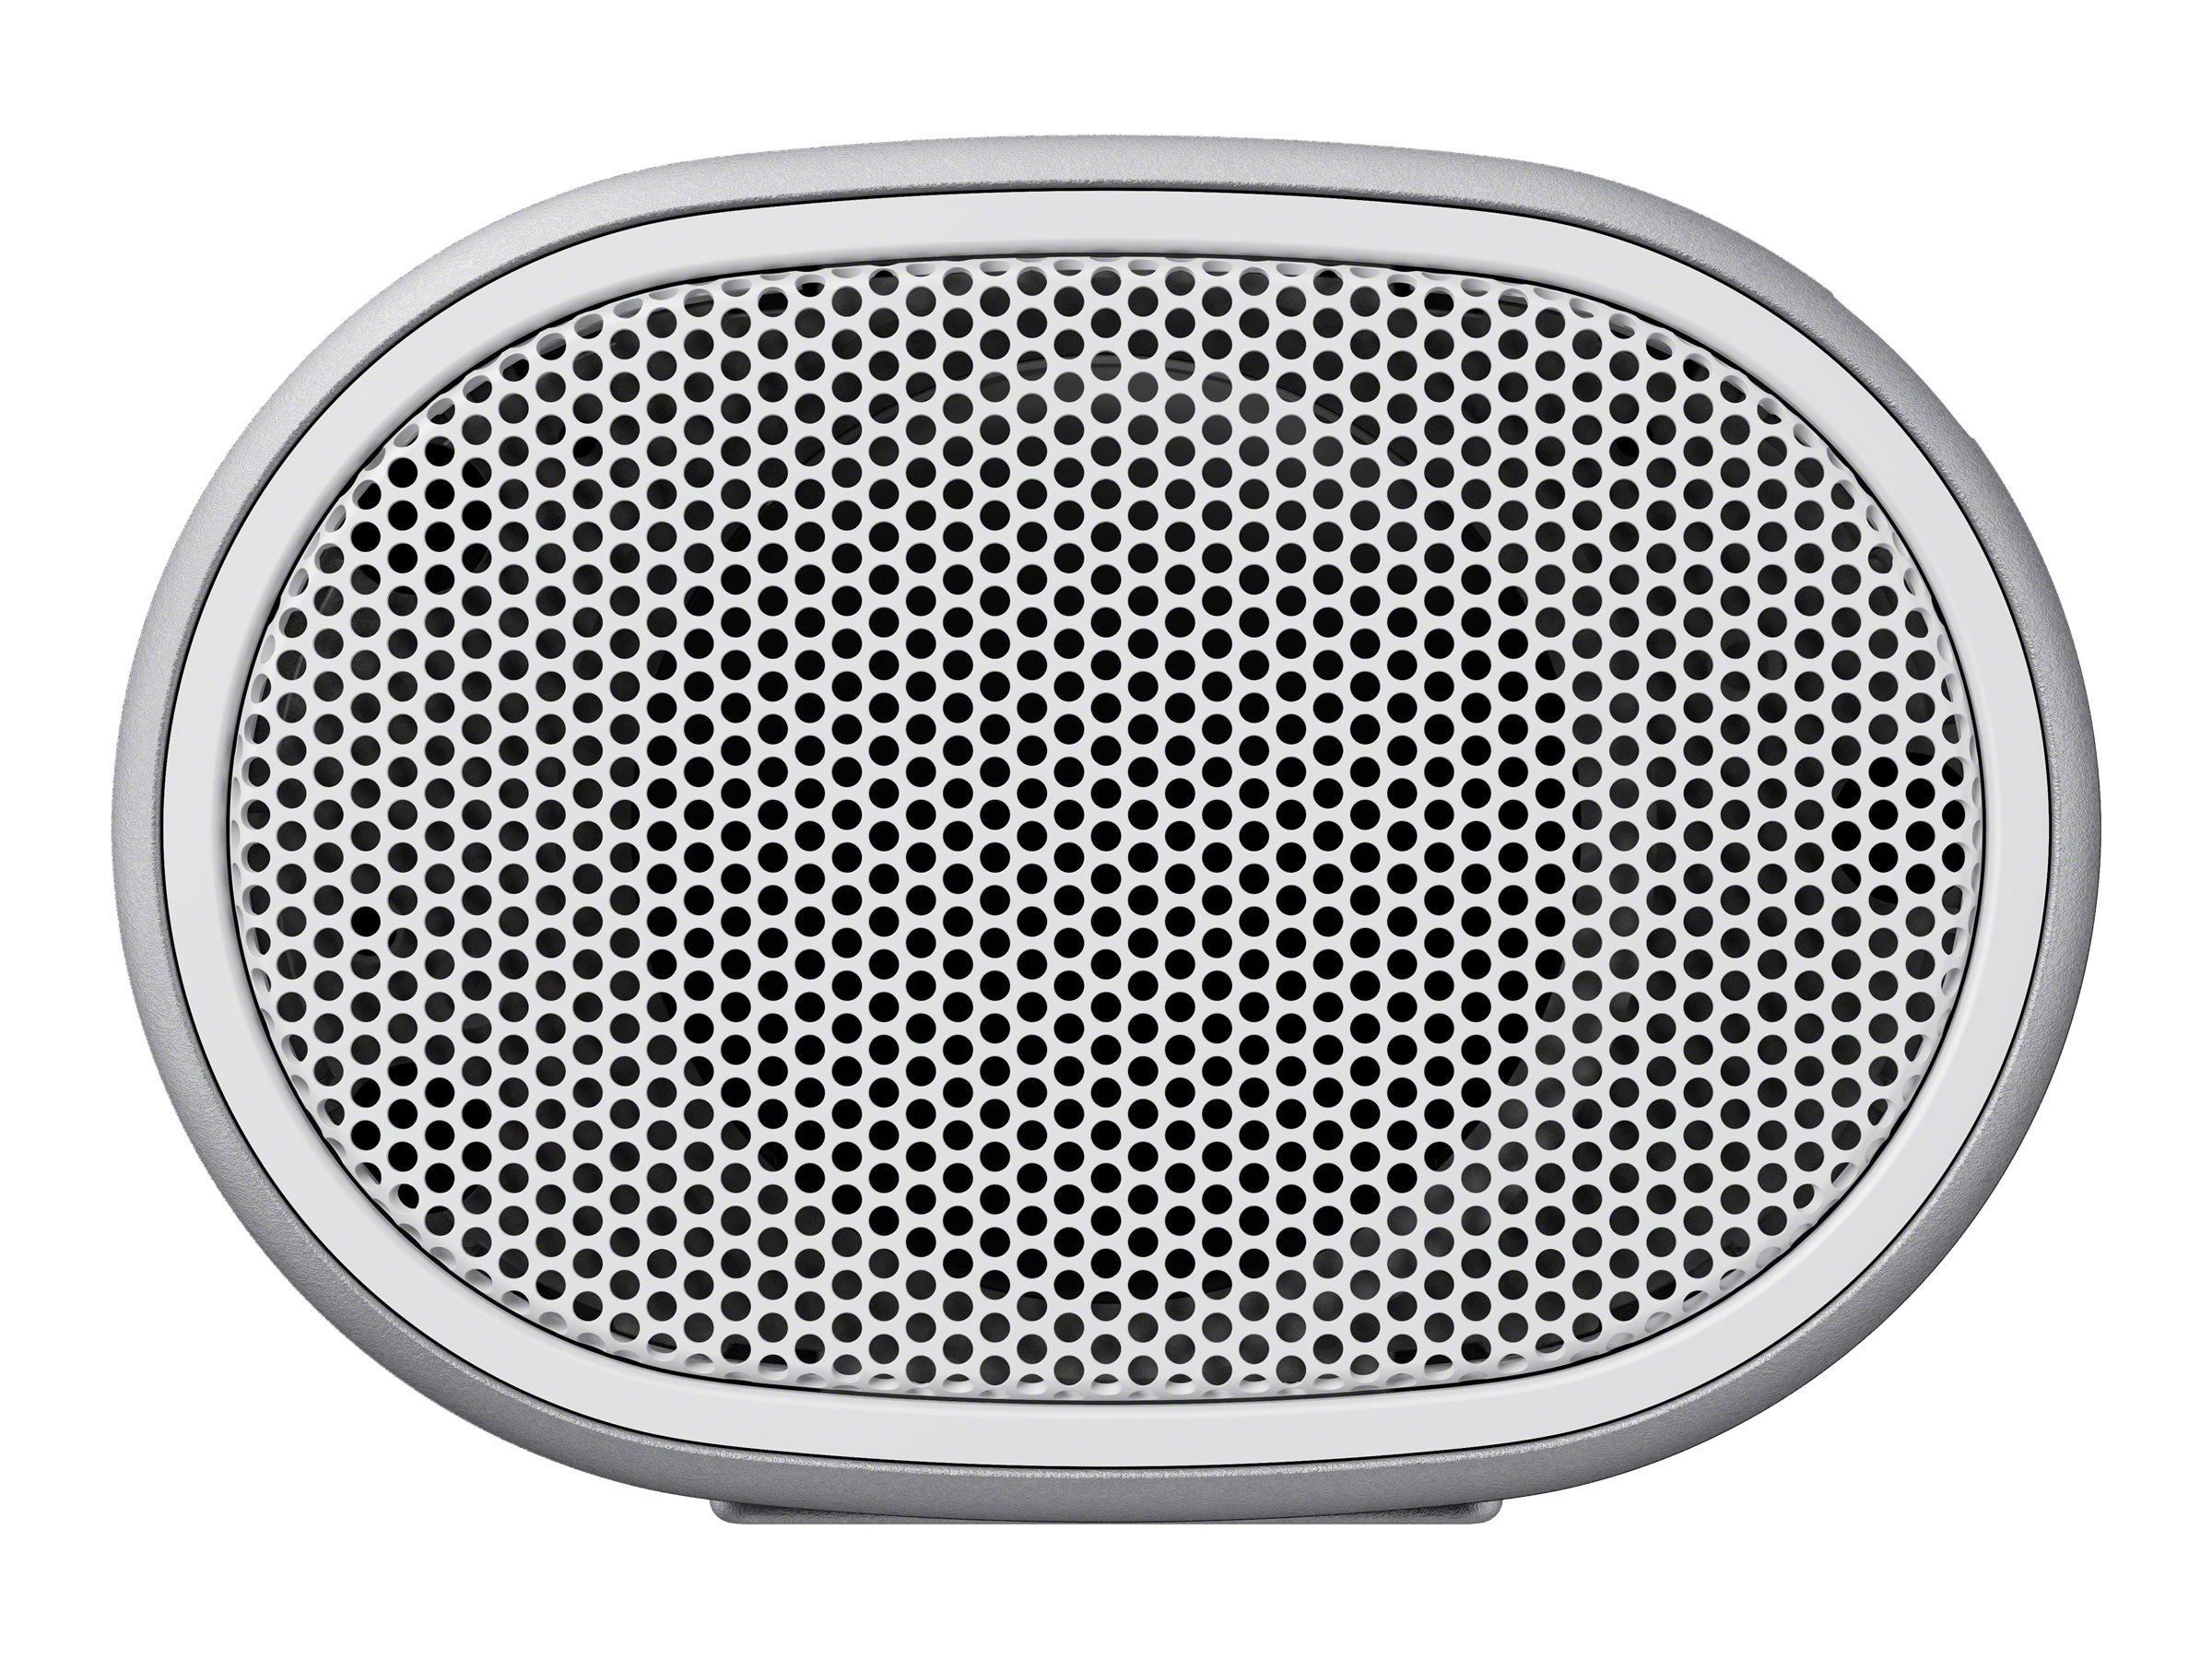 Sony SRS-XB01 - Lautsprecher - tragbar - kabellos - Bluetooth - weiss